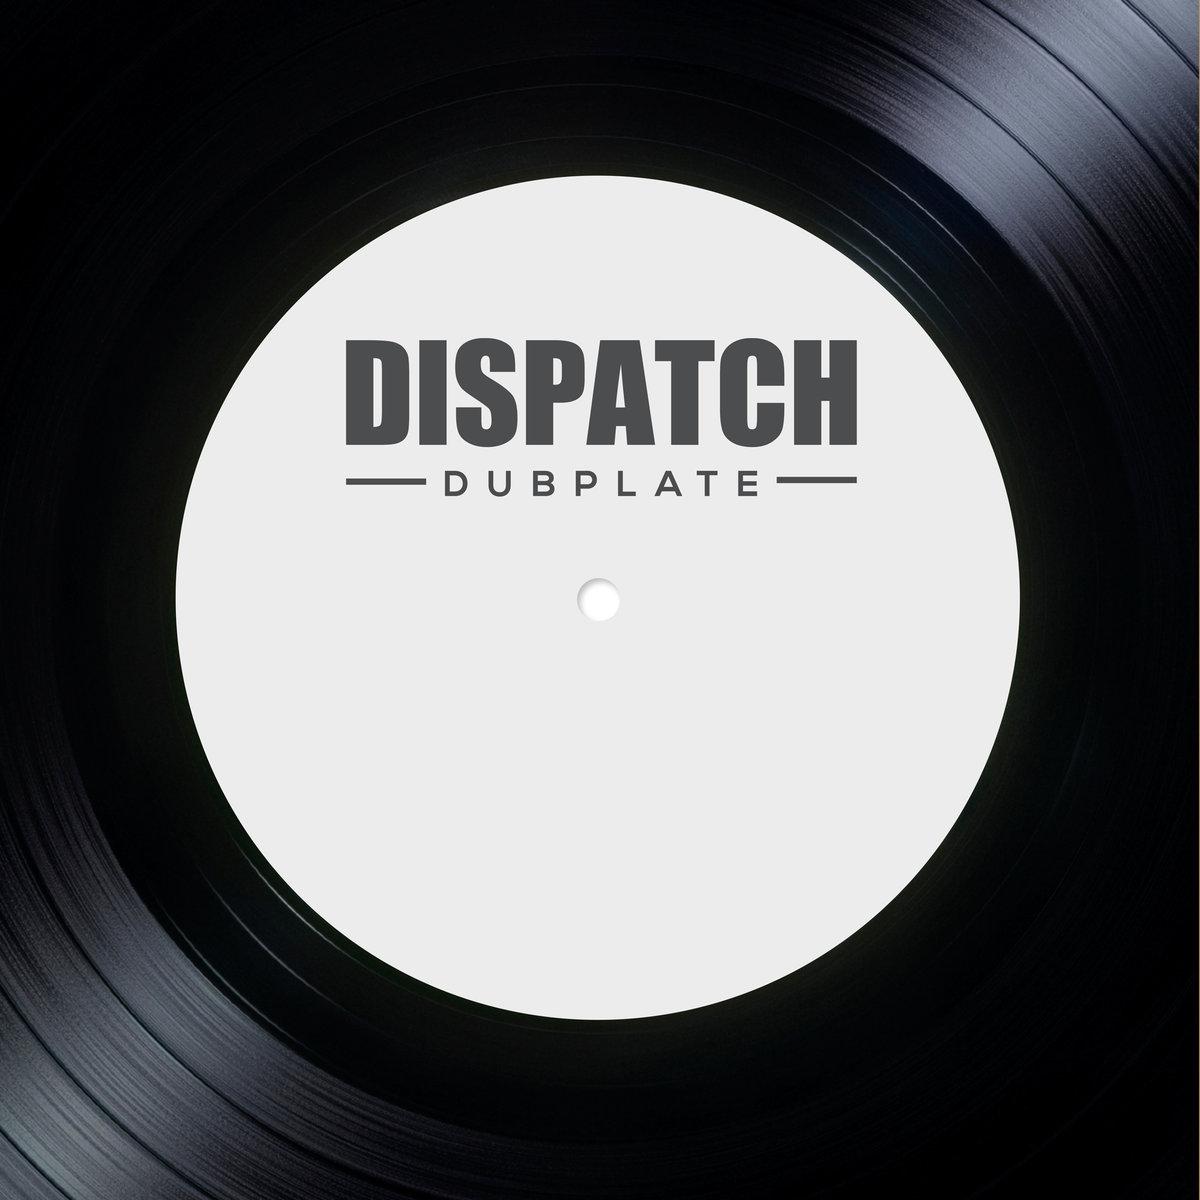 Disdub012 Commix Dispatch Dubplate 012 Dispatch